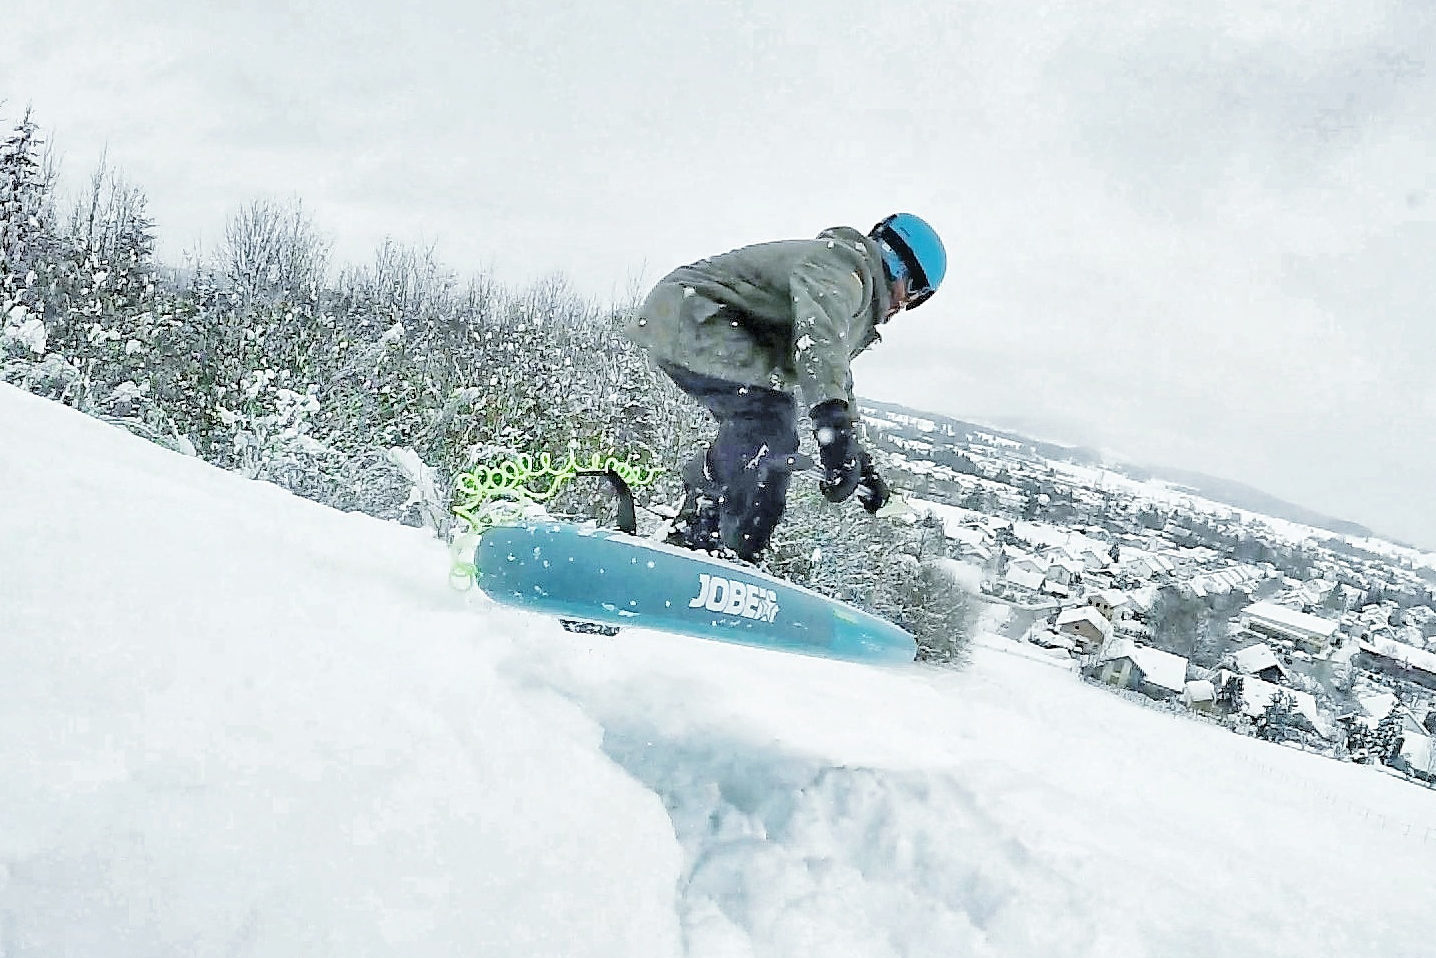 Abgehoben - aber geil: SUP-Snowboarding geht ab wie Schmidts Katze.